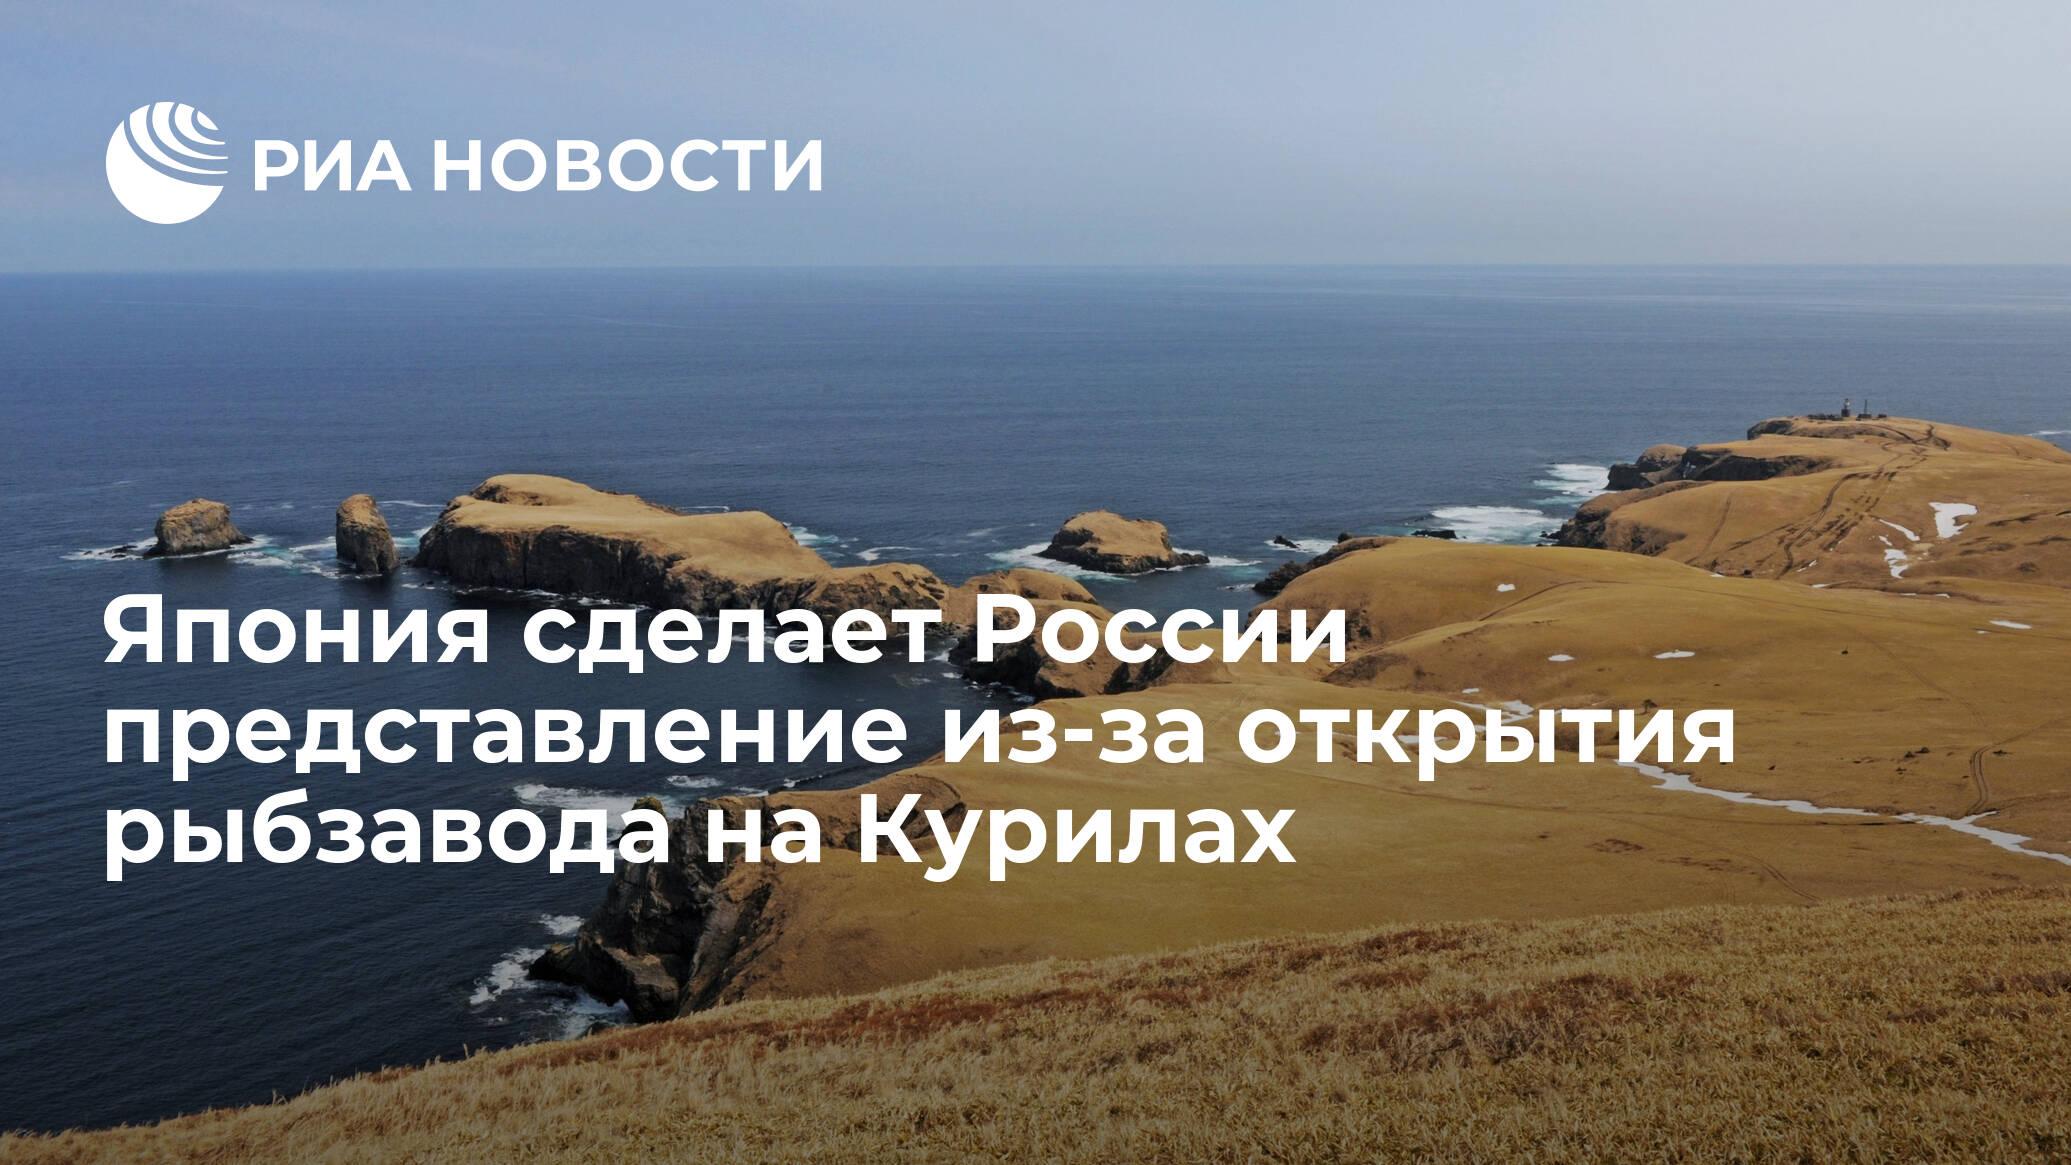 Япония сделает России представление из-за открытия рыбзавода на Курилах